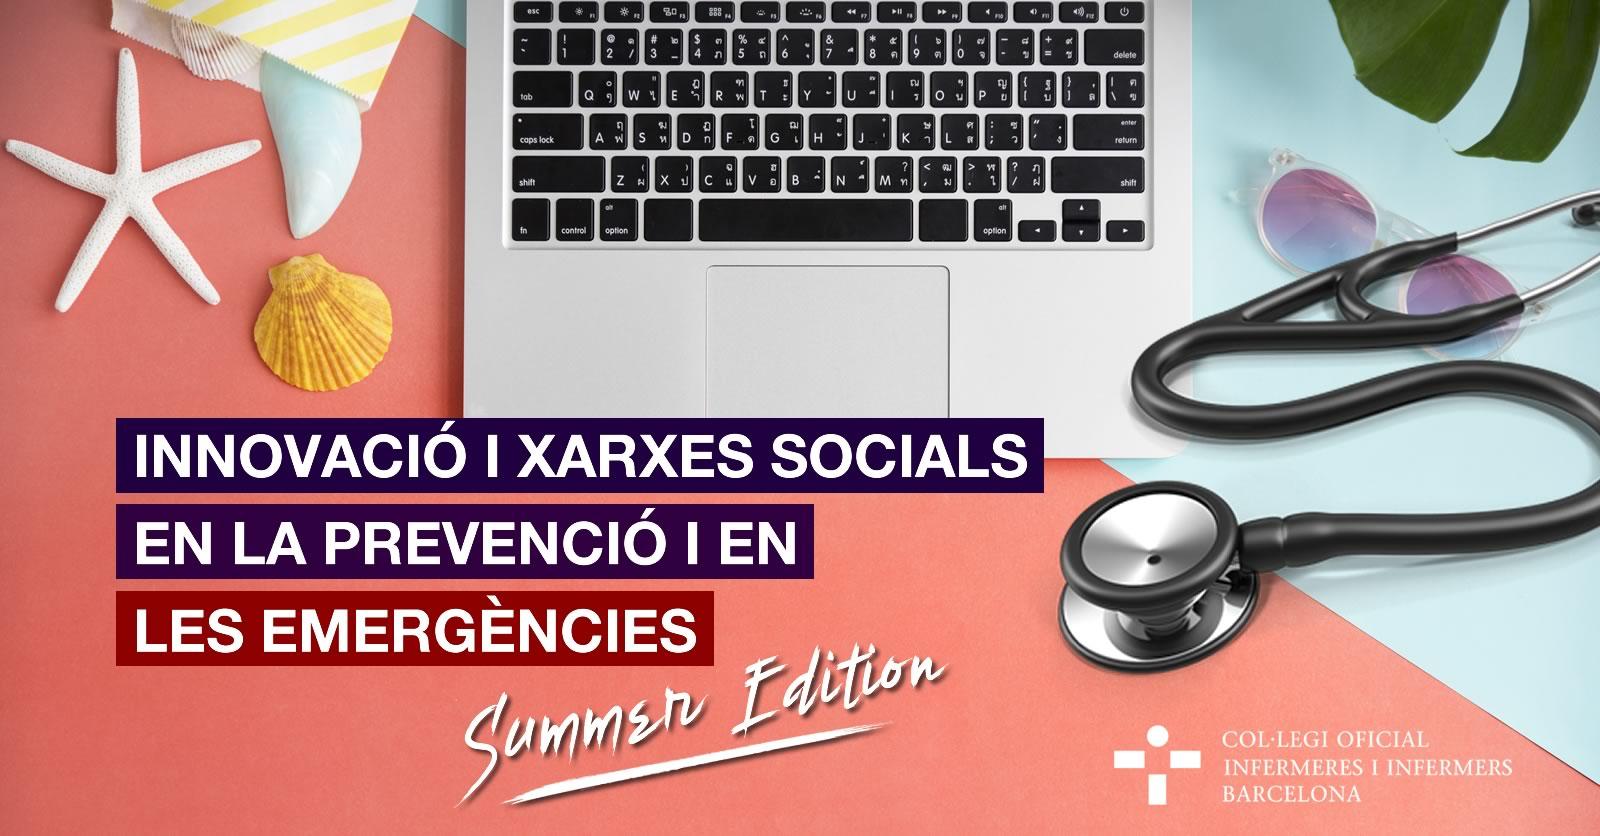 Innovació i xarxes socials en la prevenció i en les emergències